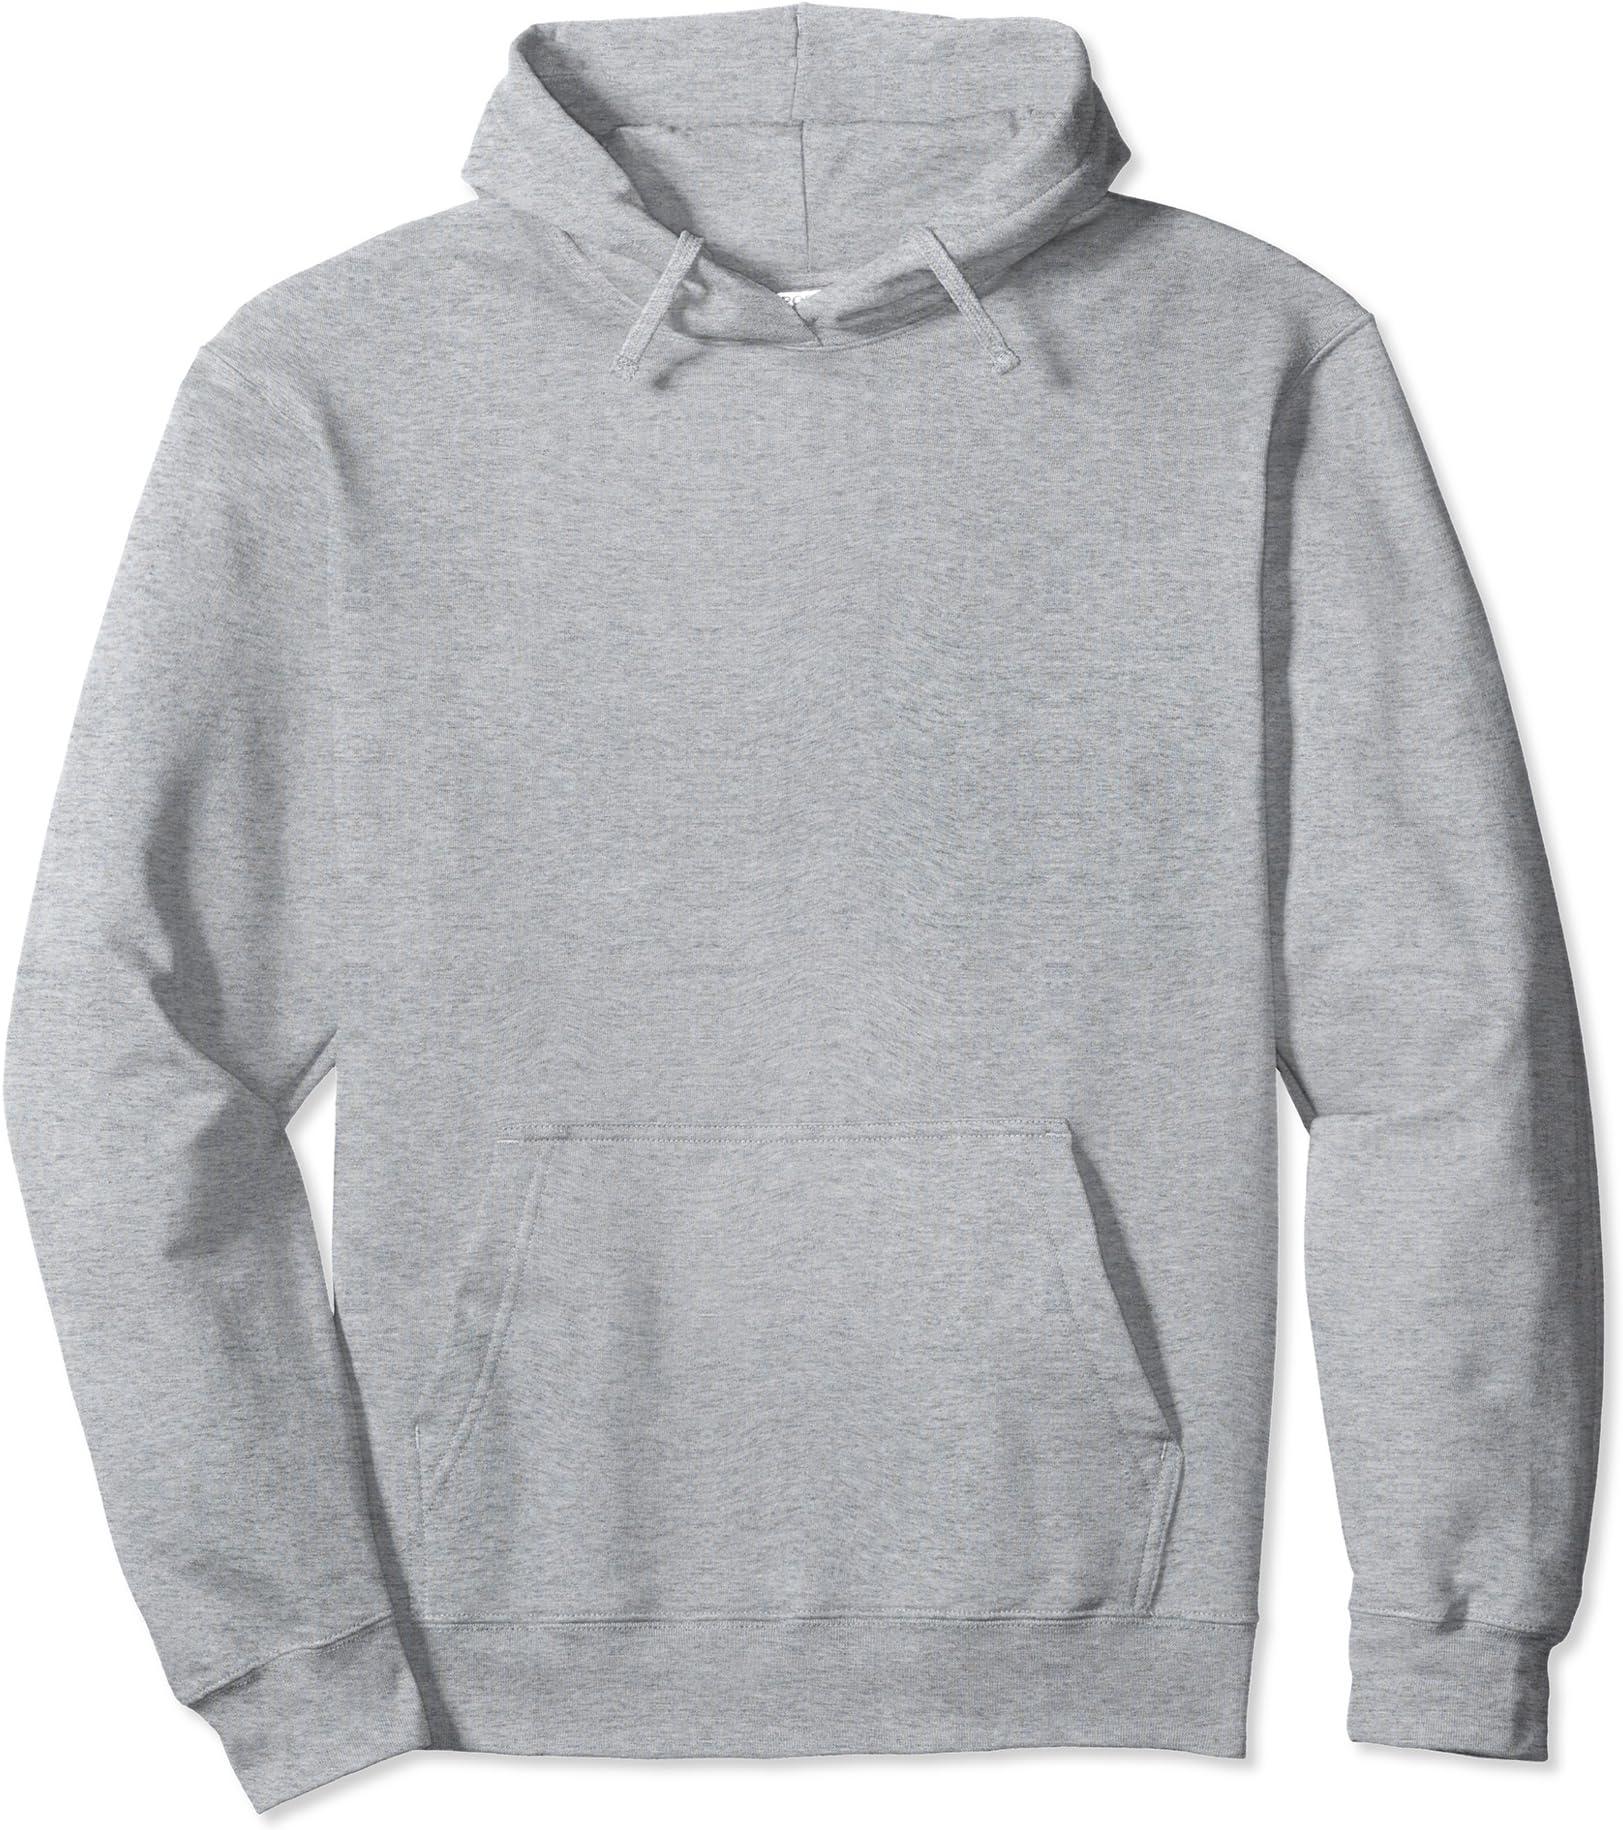 Longmire TV Show LOGO Licensed Adult Sweatshirt Hoodie